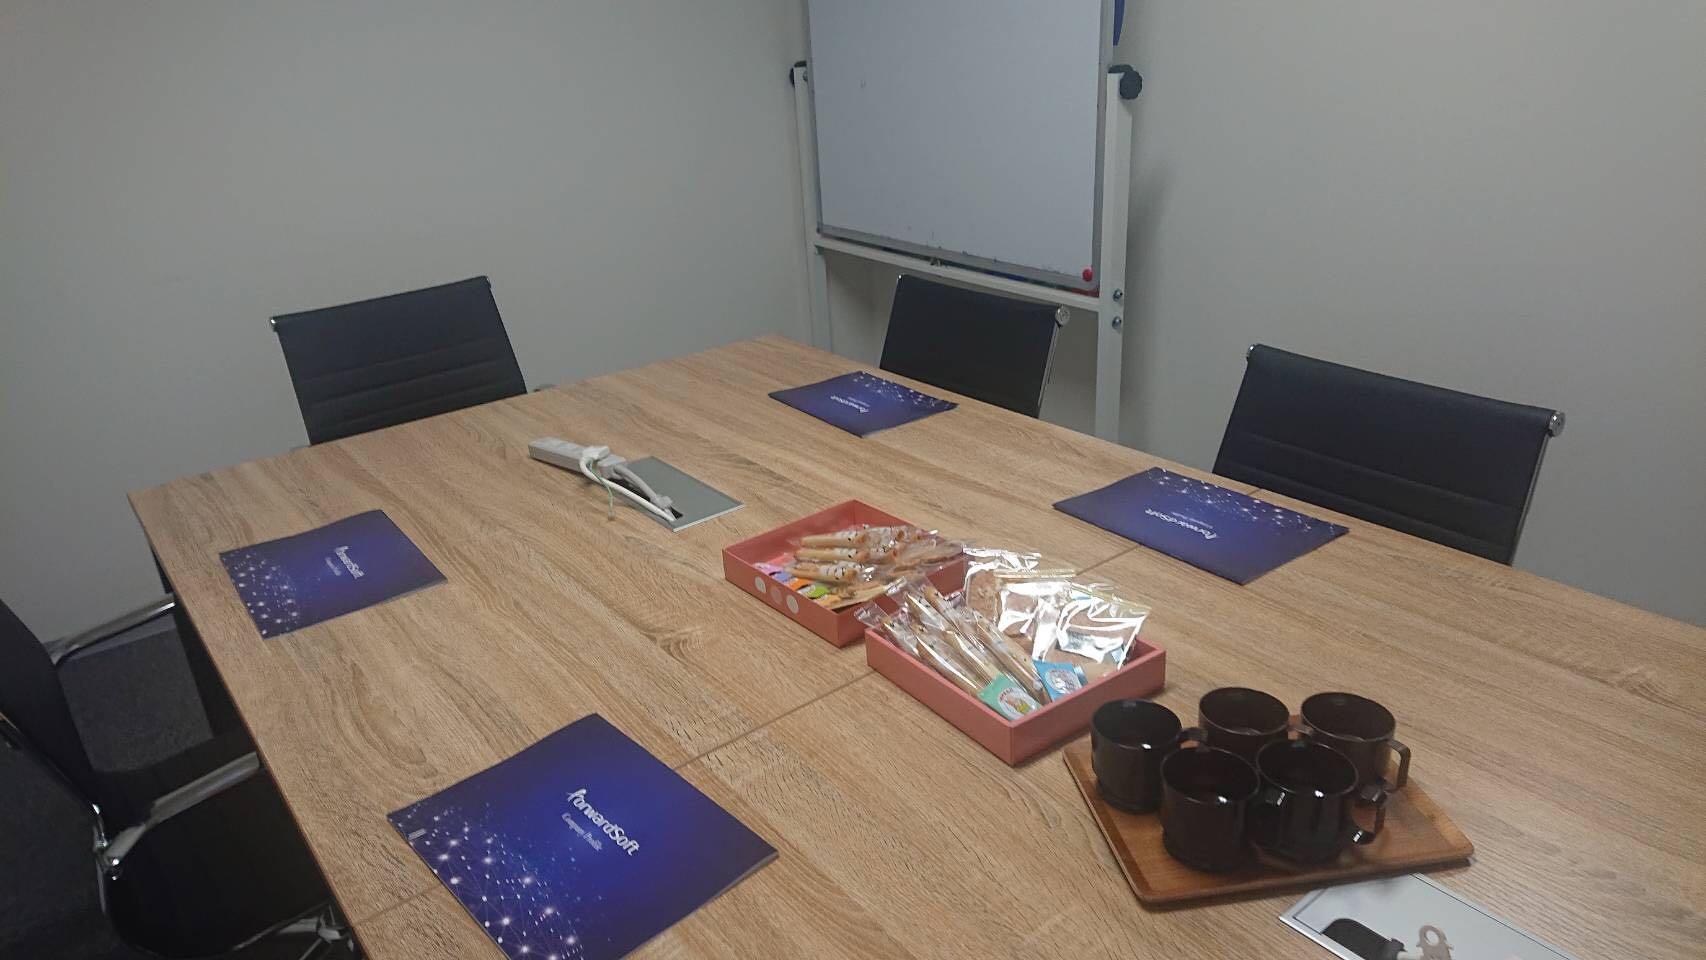 セミナー開催前のミーティングルーム